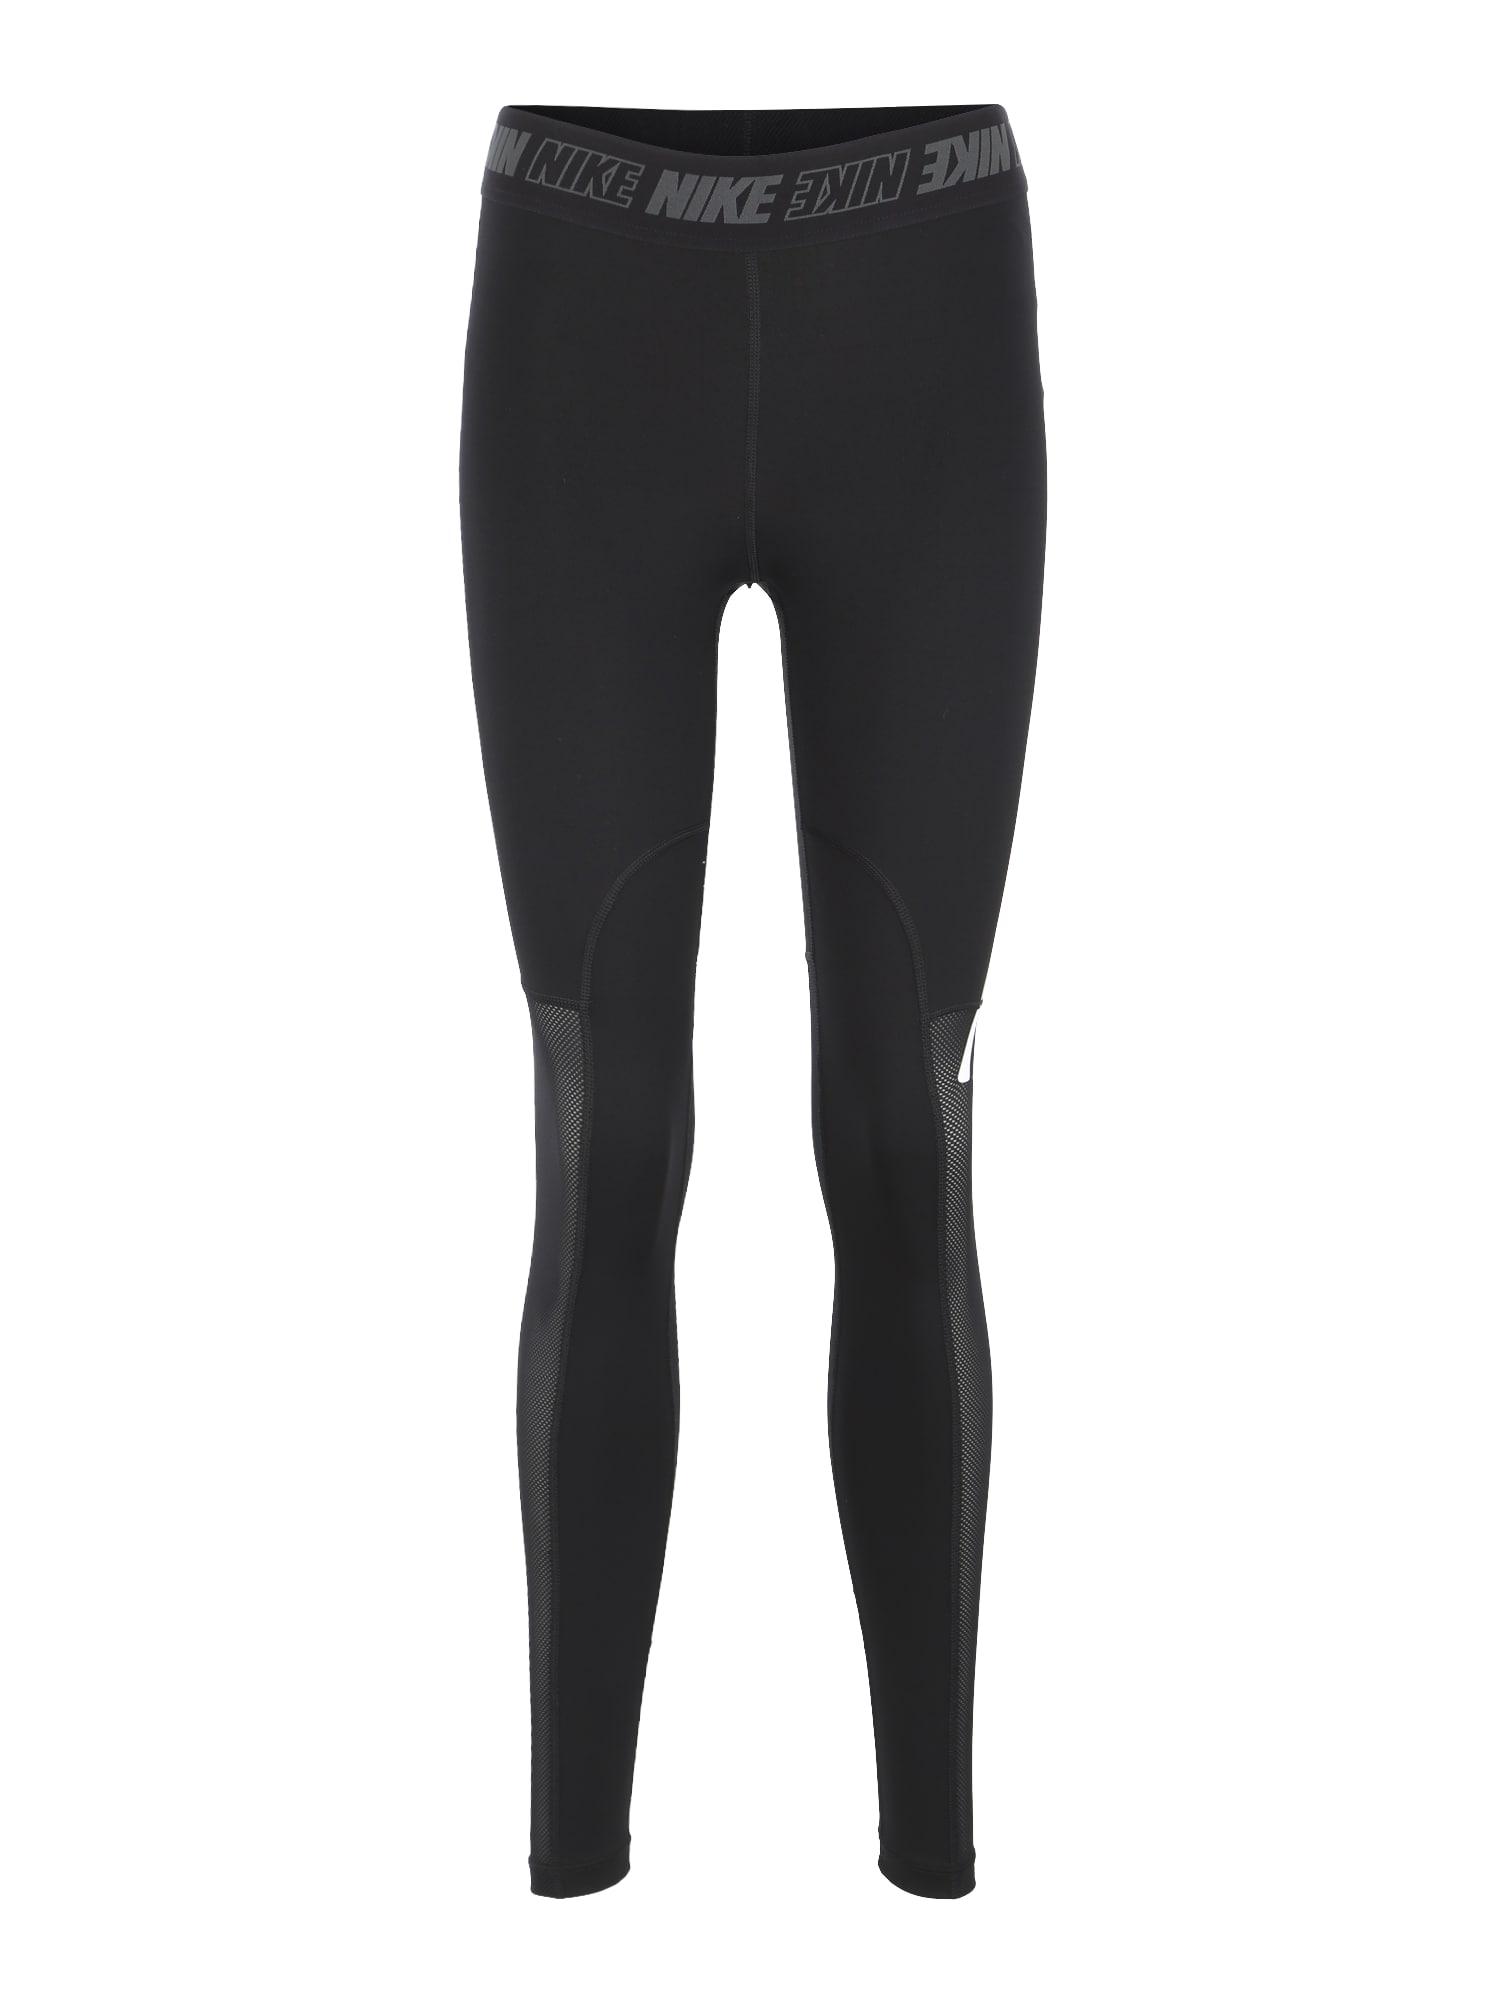 Sportovní kalhoty W NK VCTY SPRT DSTRT TGHT černá bílá NIKE